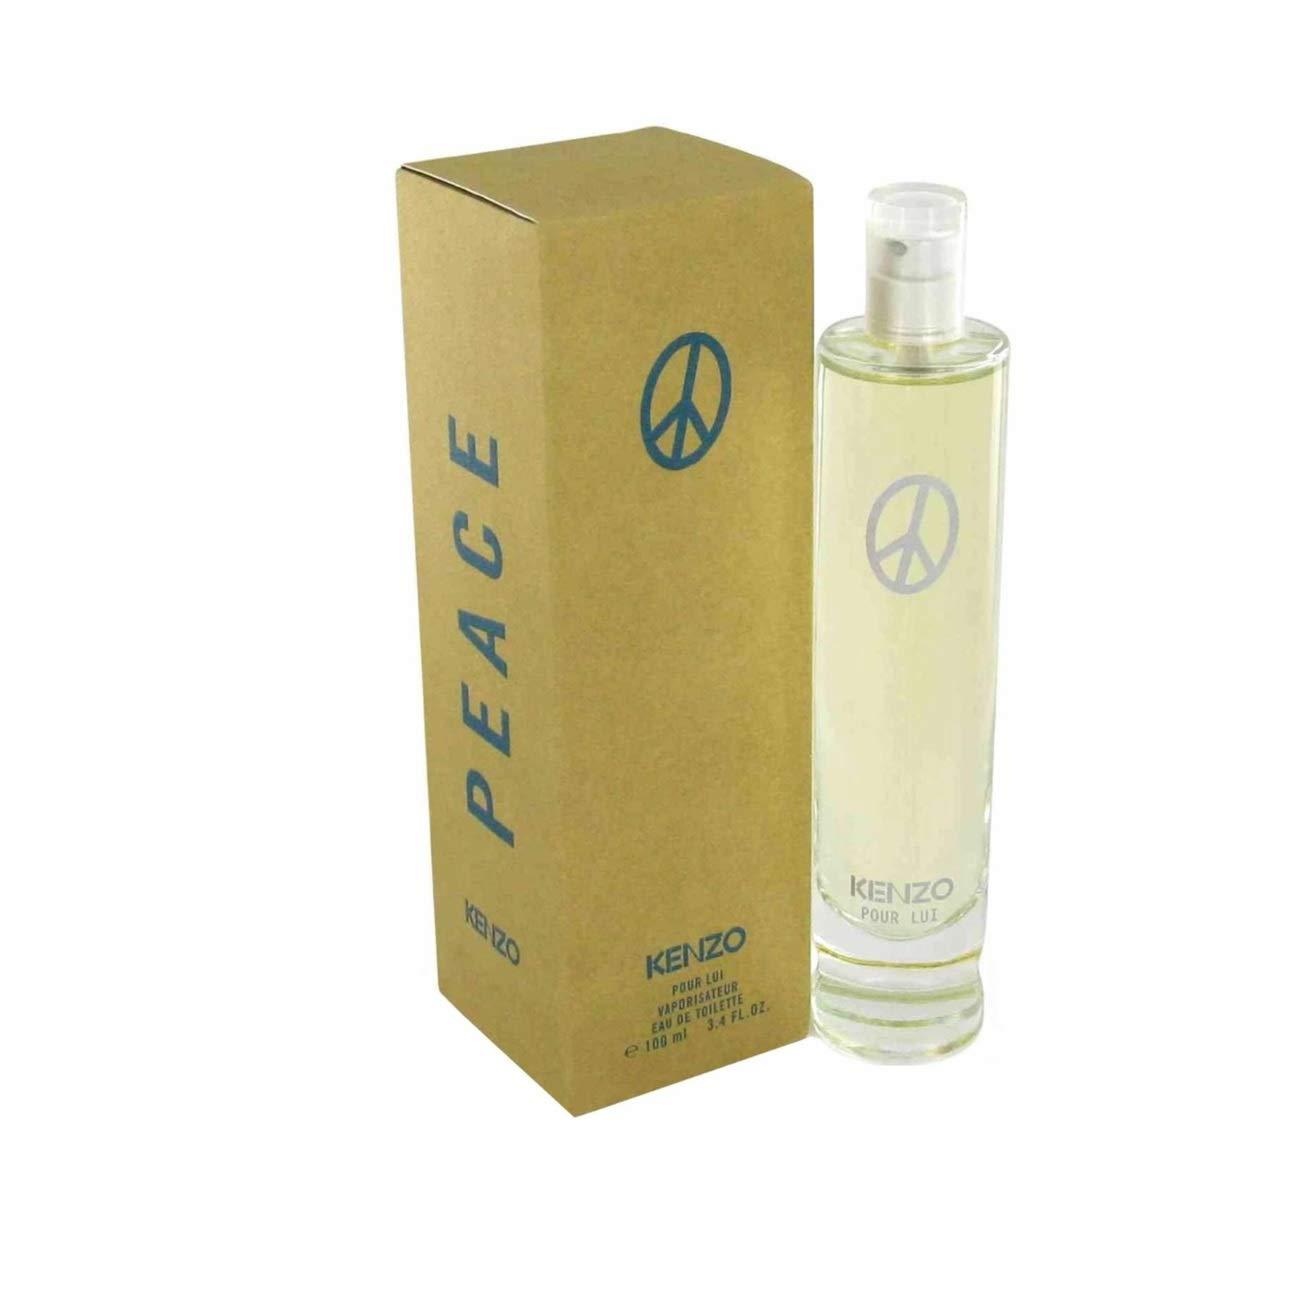 B0001BOQOE Time For Peace by Kenzo for Men. 3.4 Oz Eau De Toilette Spray 51iTCJjBsEL._SL1300_